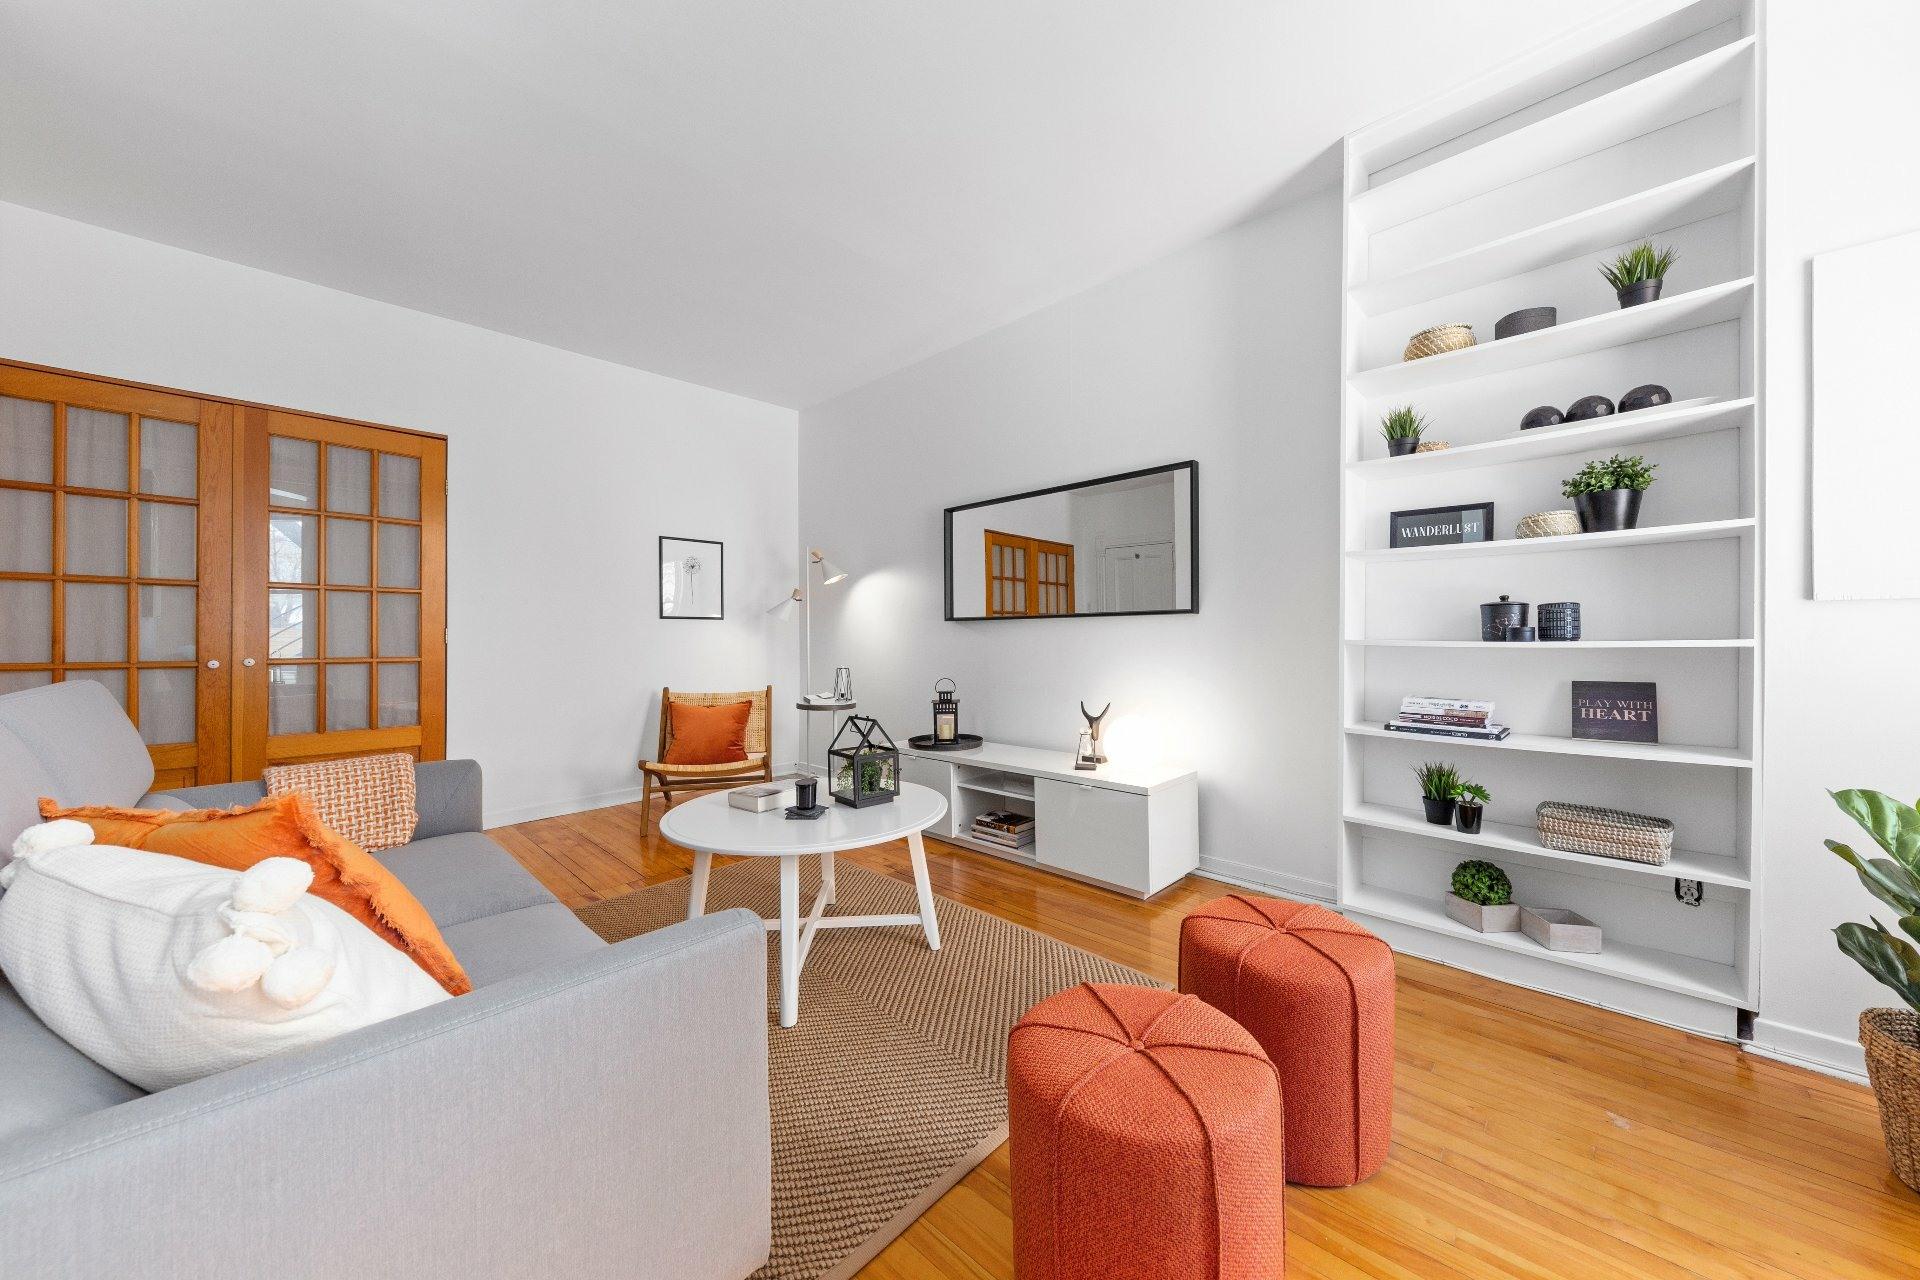 image 11 - Maison À vendre Le Plateau-Mont-Royal Montréal  - 10 pièces